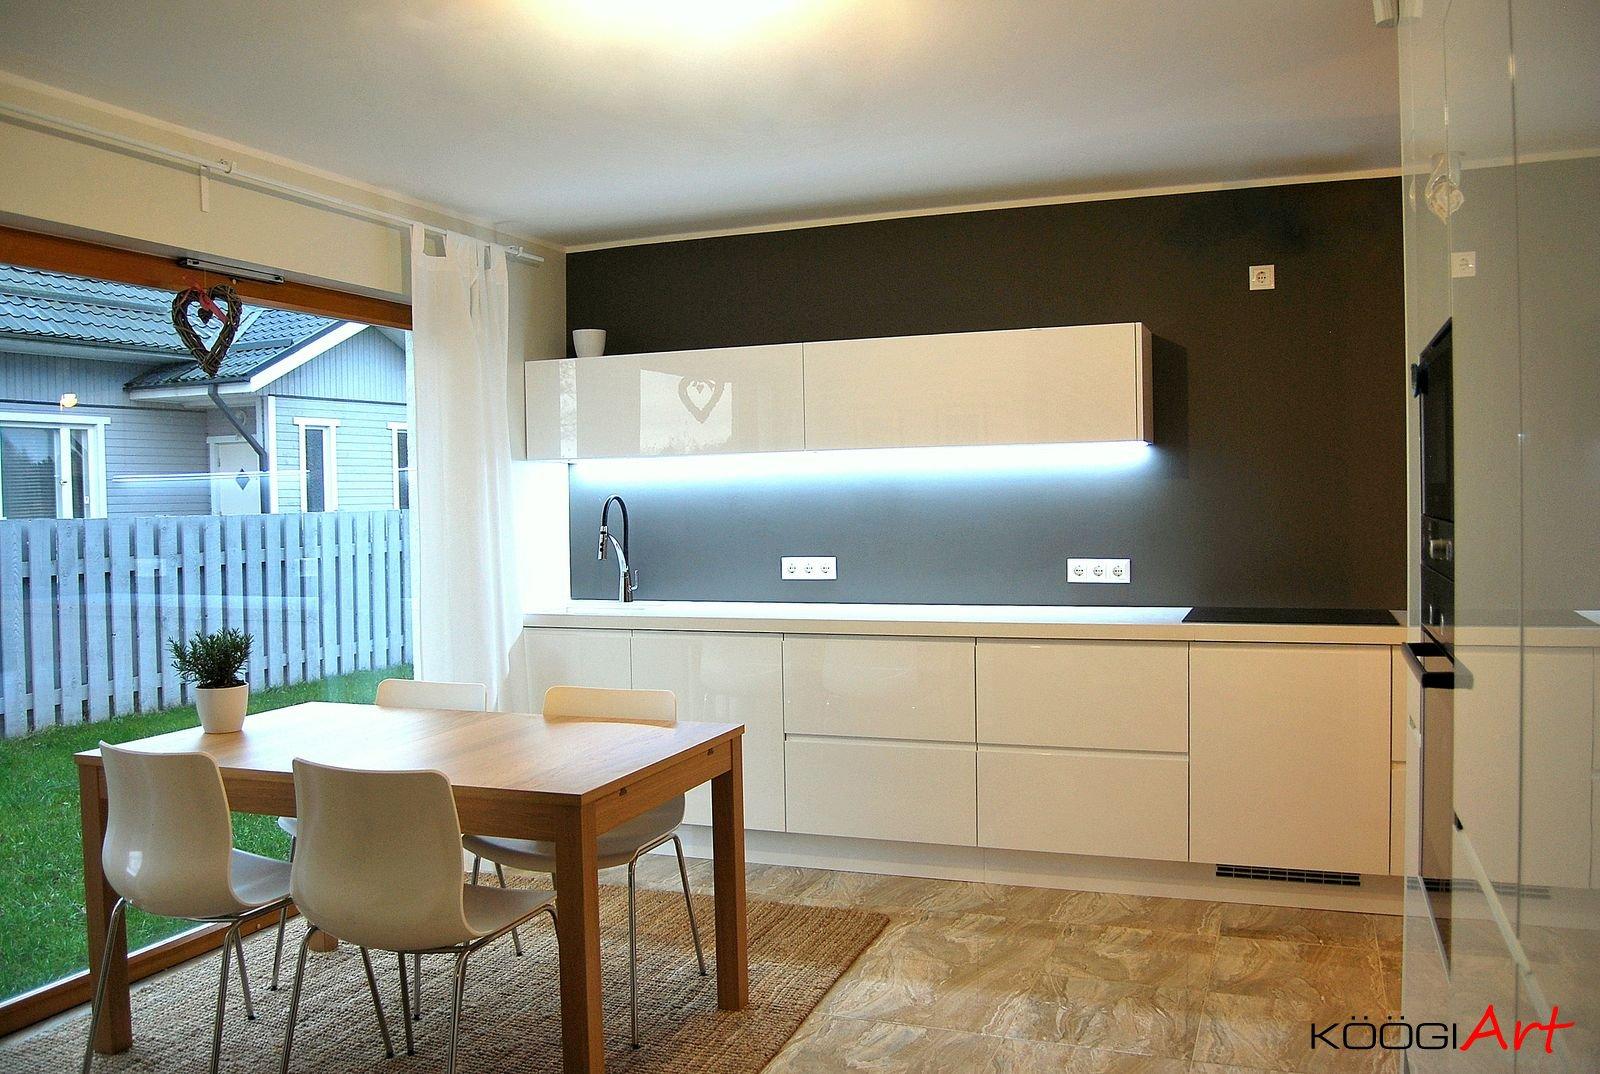 Hea köögitehnika – võti mugavaks atmosfääriks kodus!